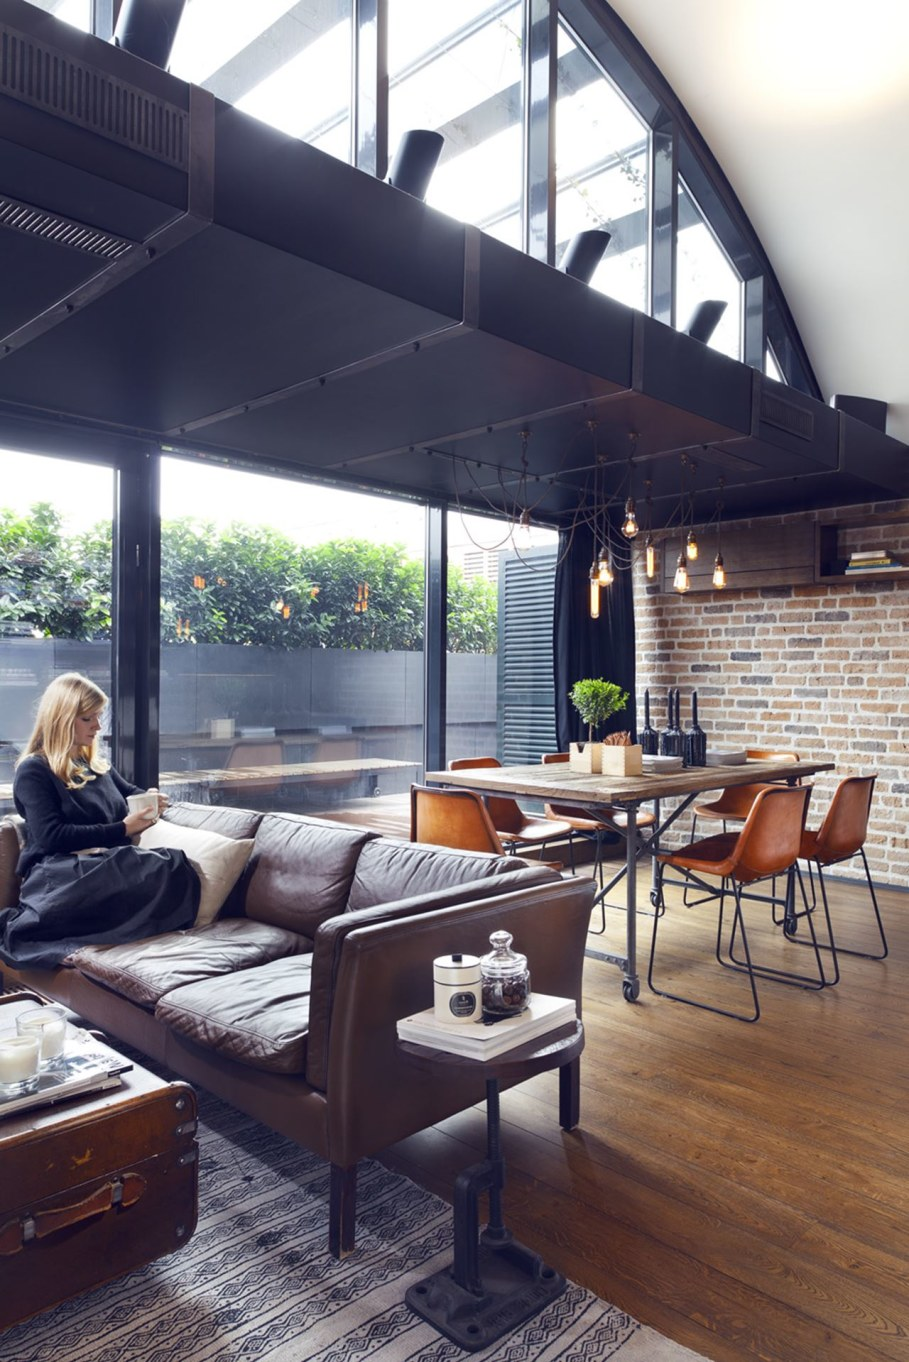 Attic Apartment - Dining place